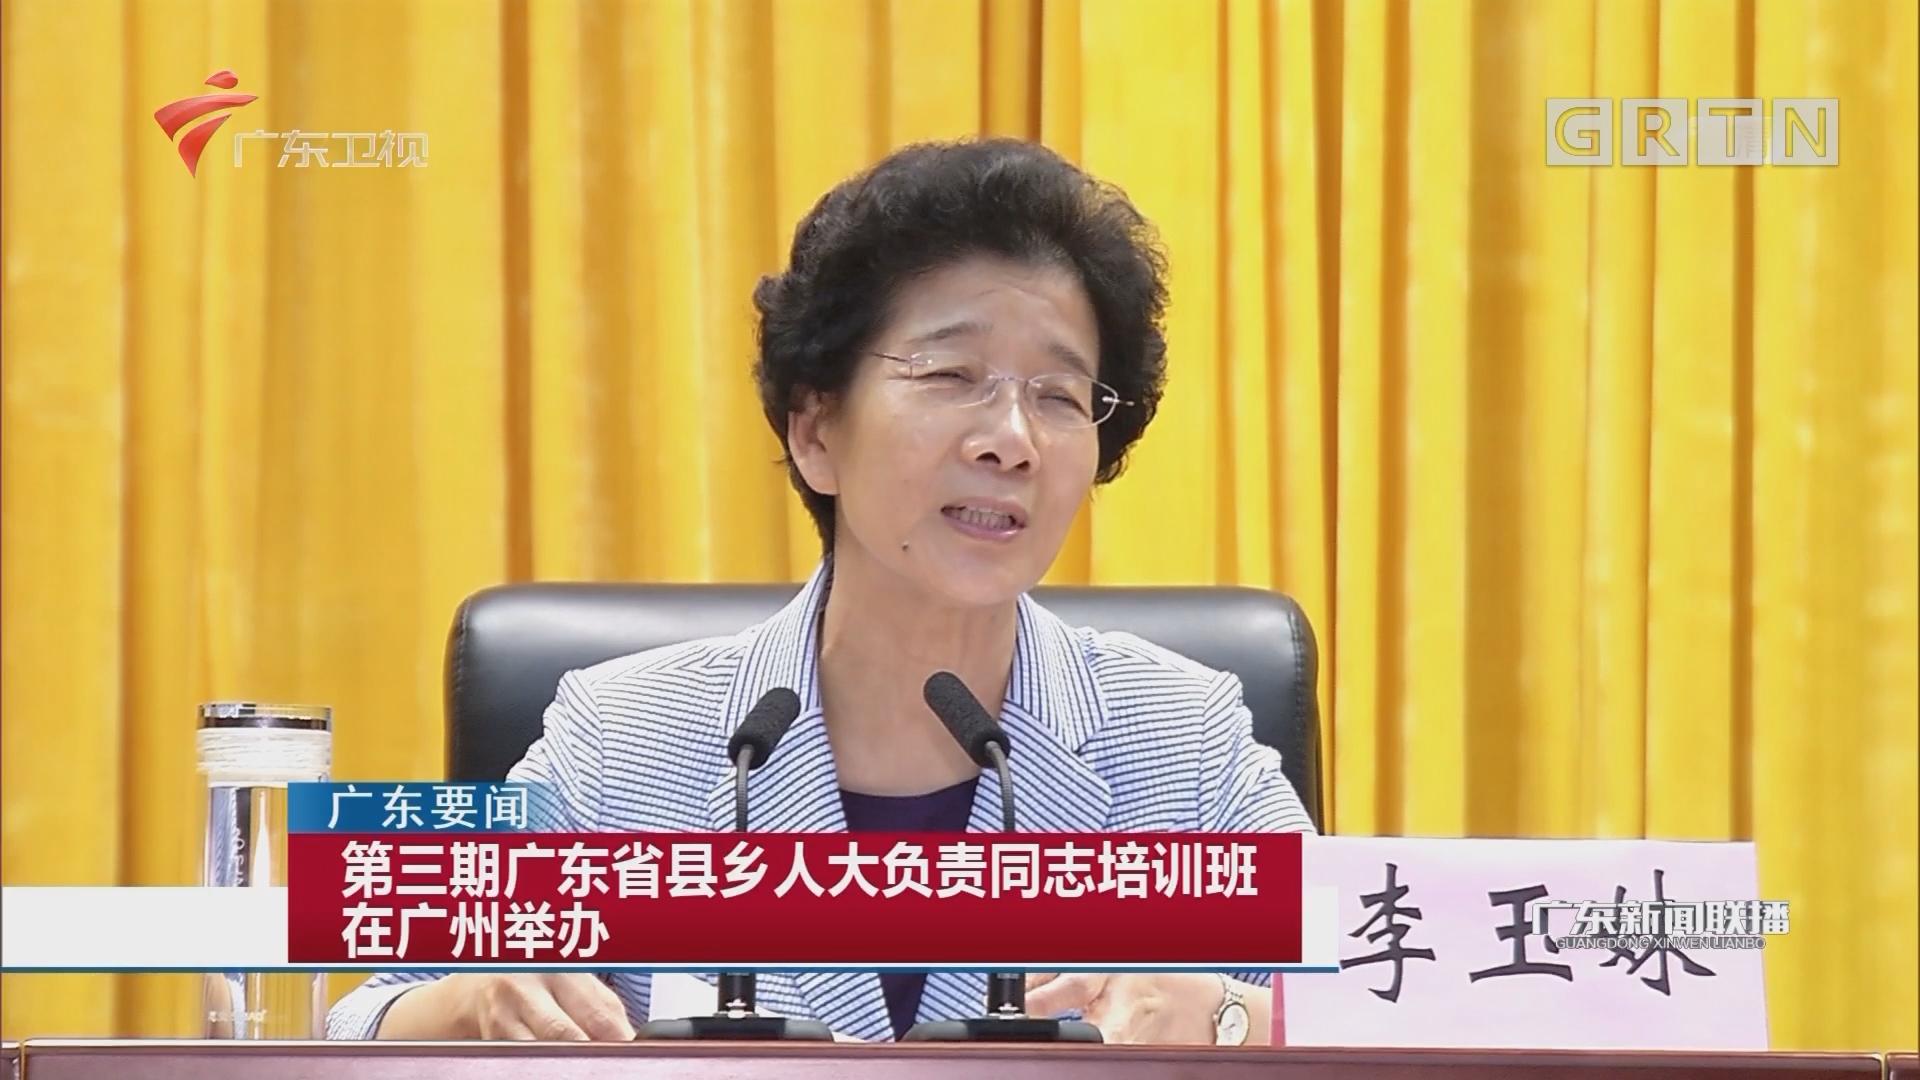 第三期广东省县乡人大负责同志培训班在广州举办